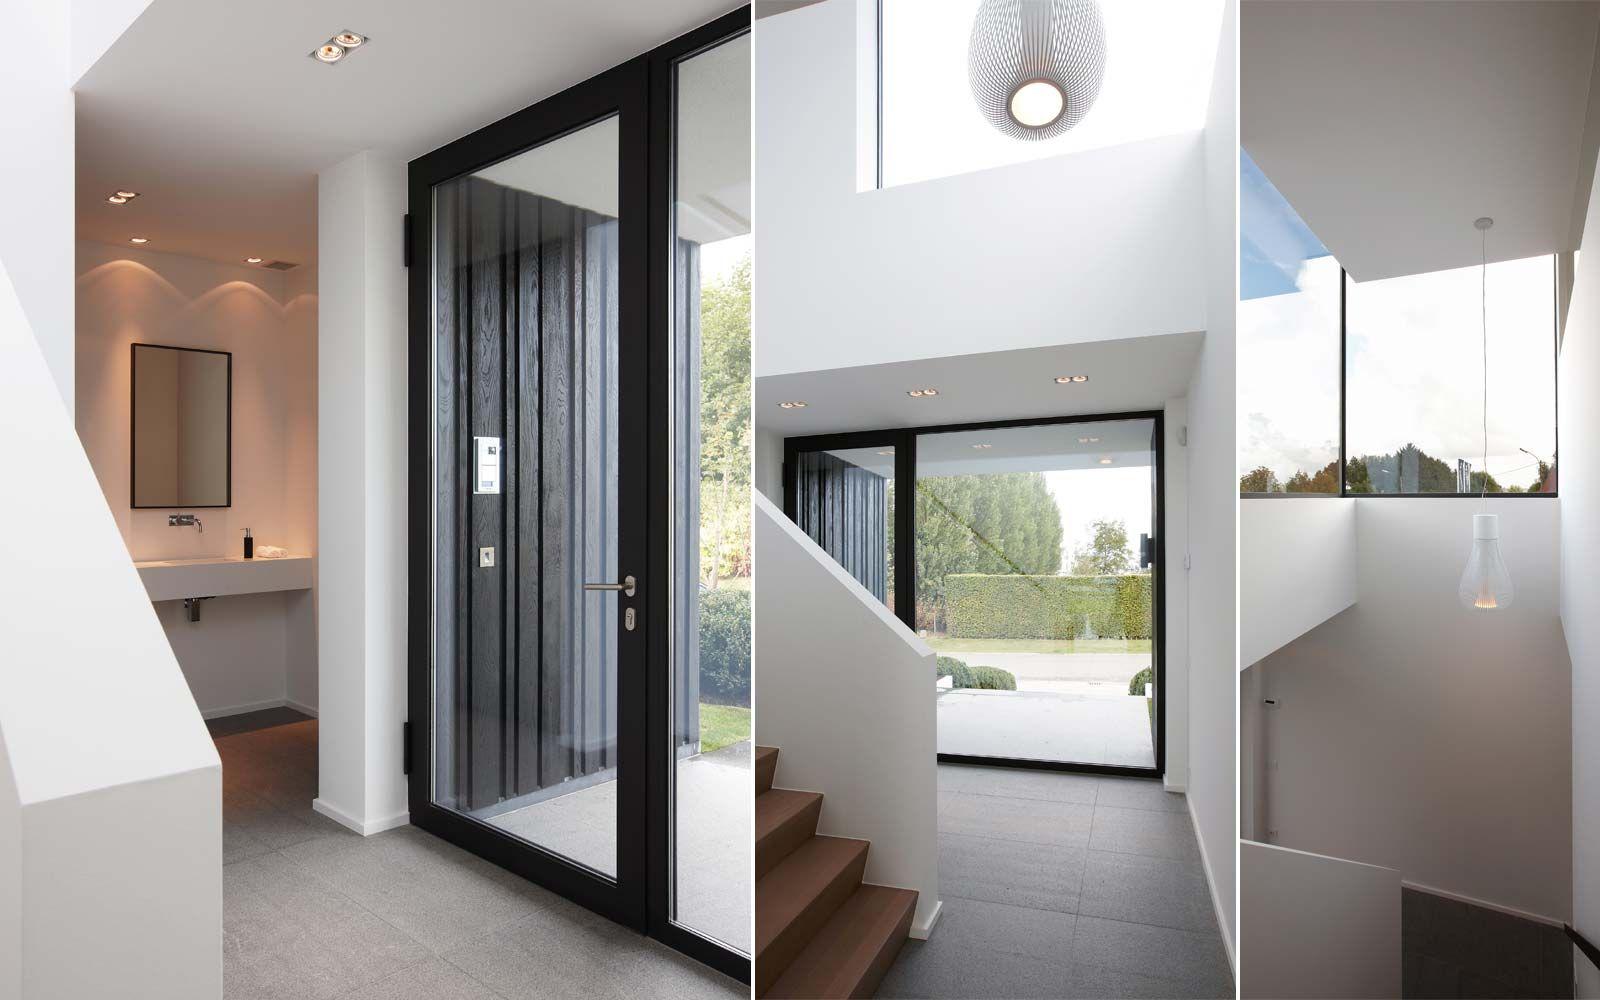 Kijkwoning tielt inkomhal zenitale lichtinval in terior for Interieur ideeen hal